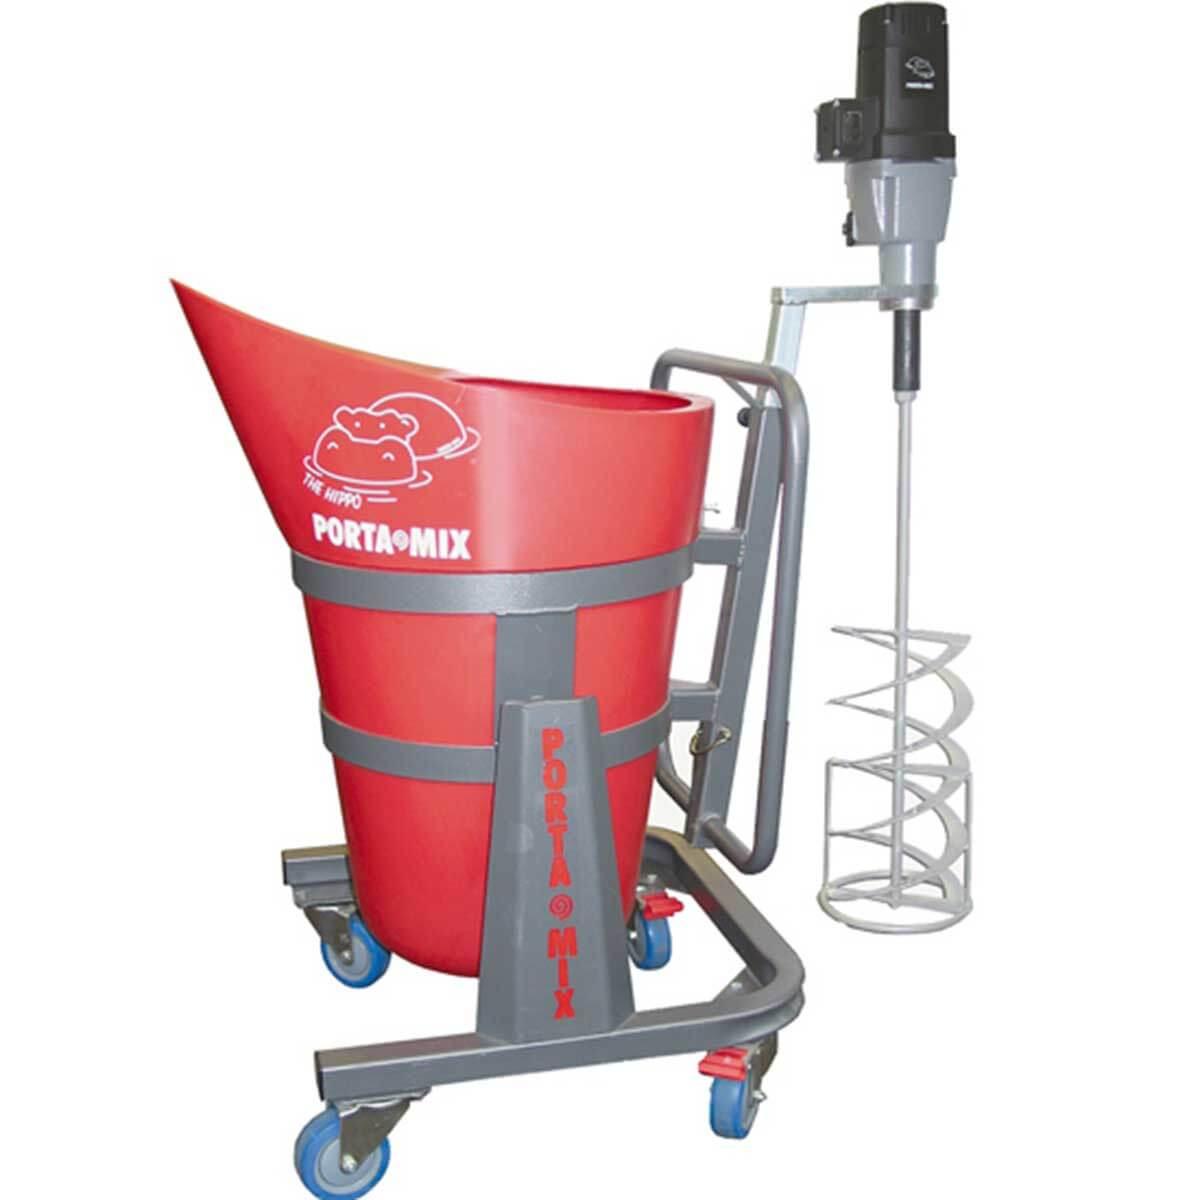 Portamix Hippo mixing drill